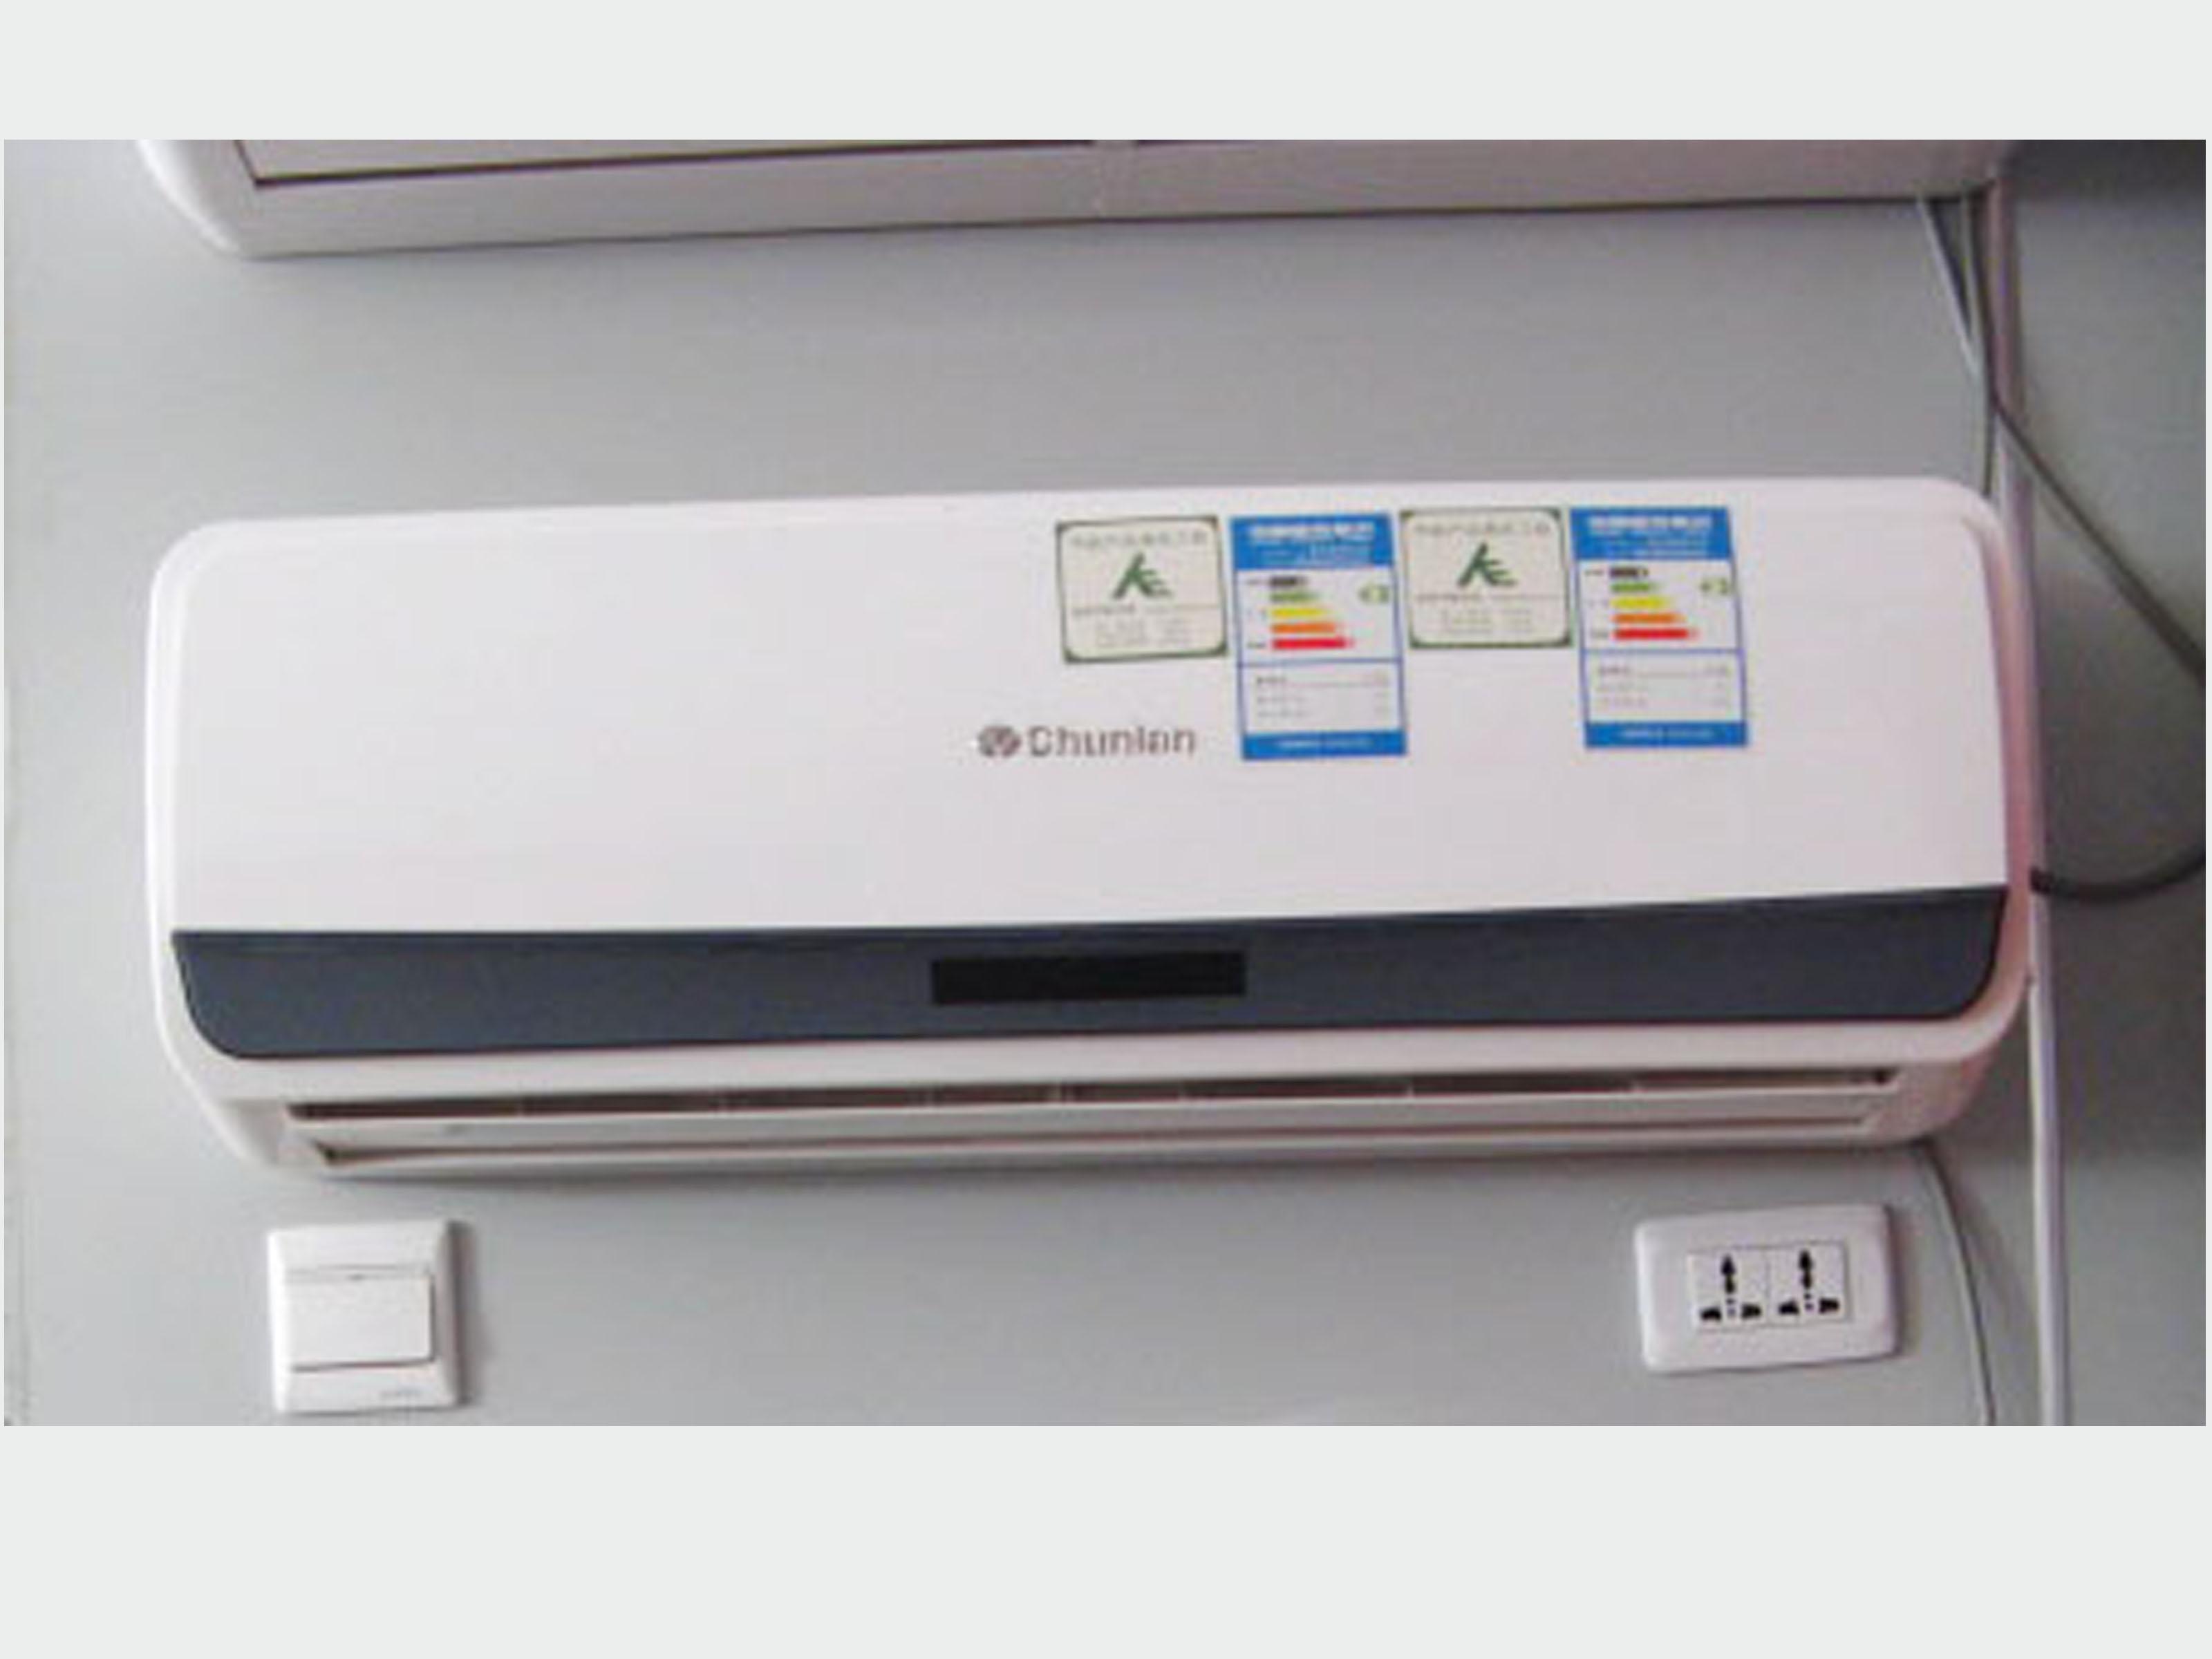 欧姆龙春兰空调继电器g4f-11123t-us-12vdc电路图